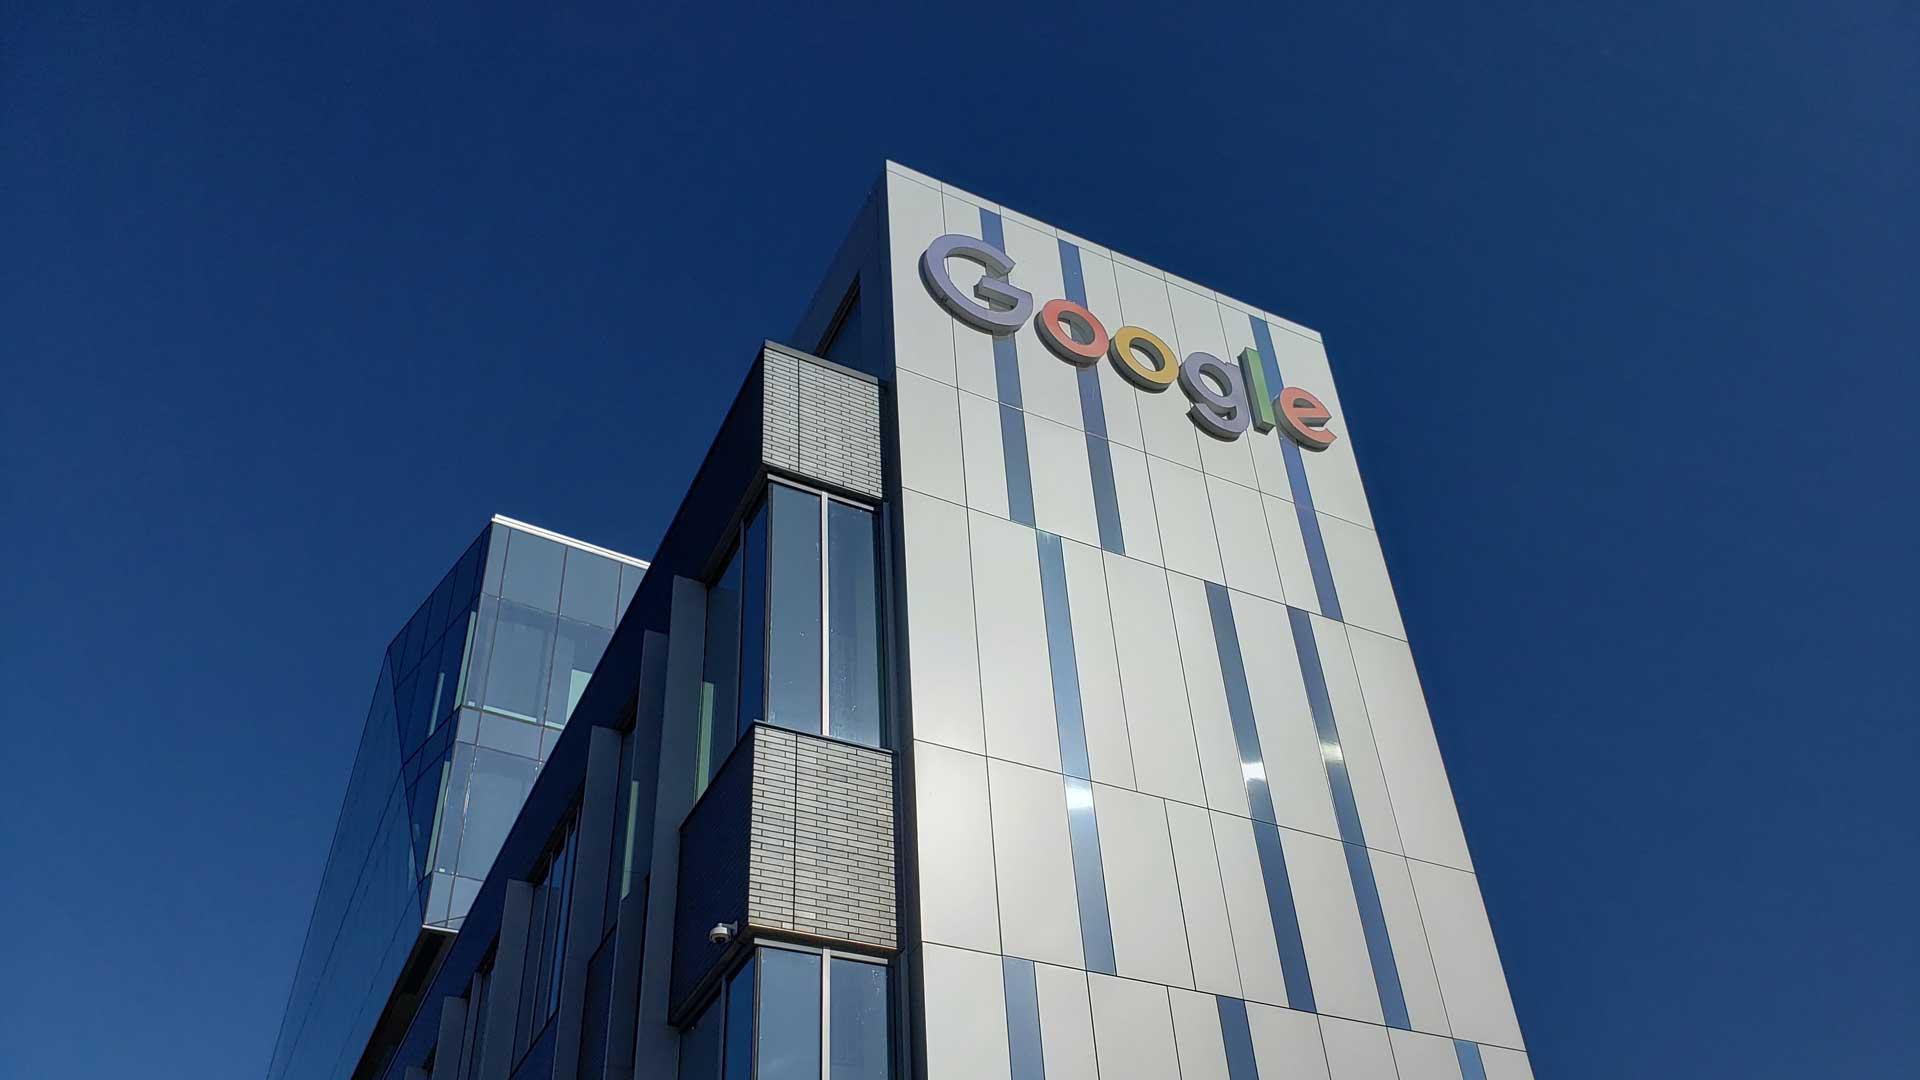 rientro-in-ufficio-Google-richiama-i-dipendenti-Level-Office-Landscape